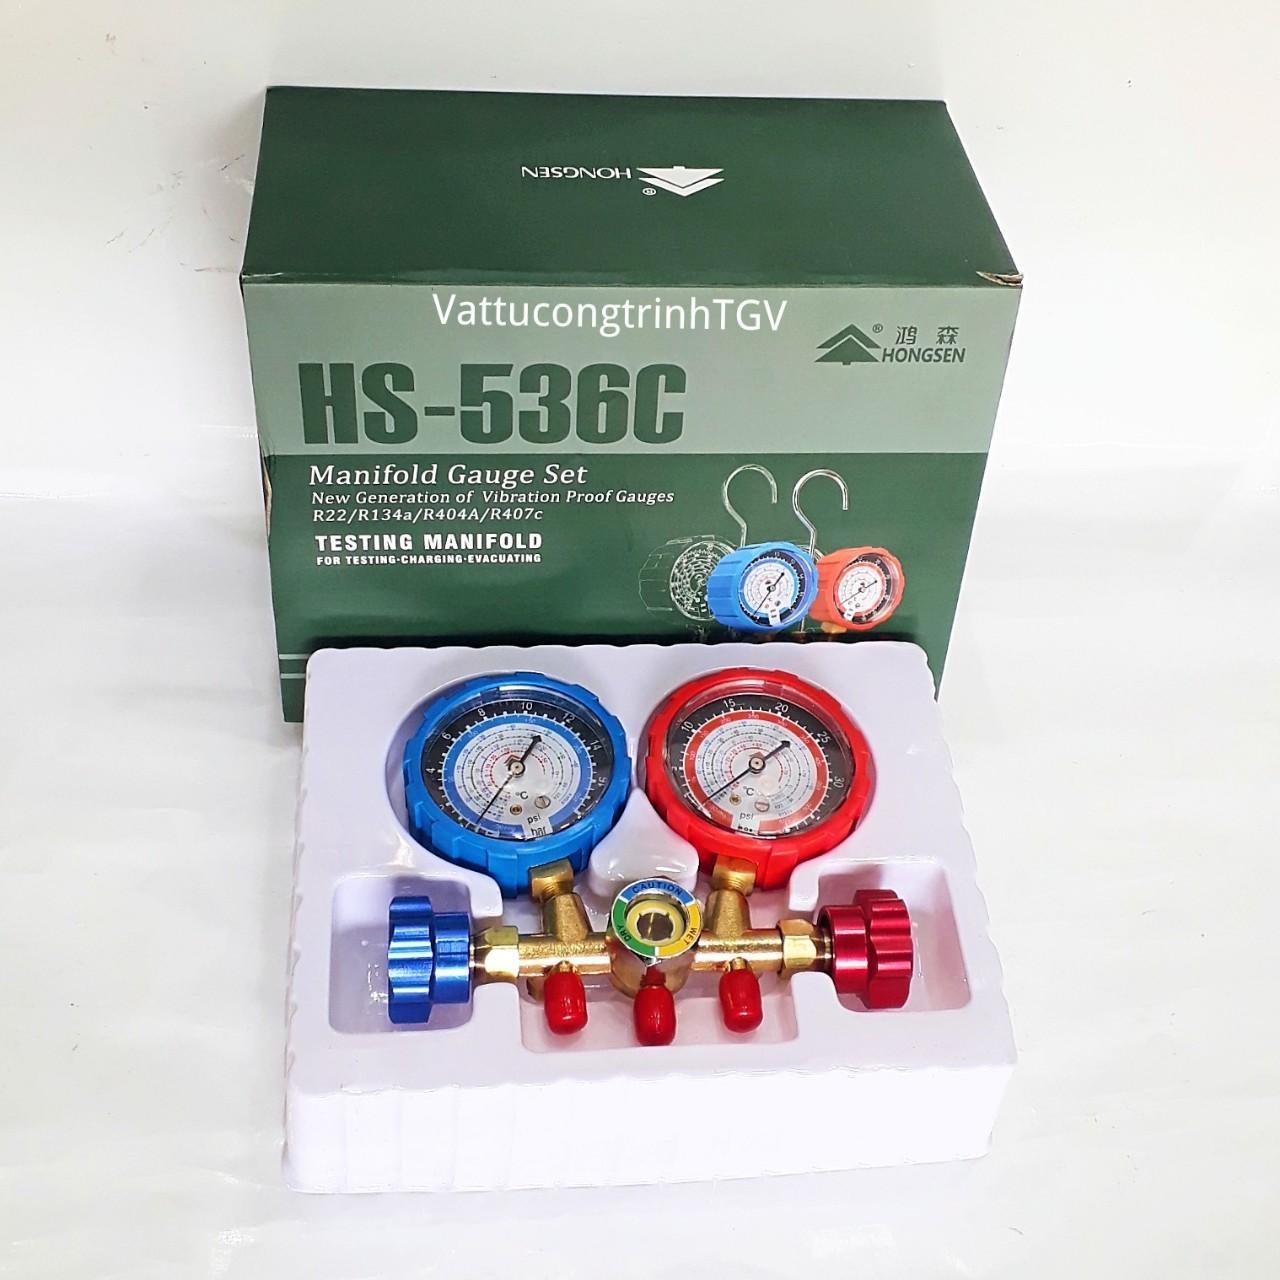 Bộ đồng hồ Gas đôi HONGSEN HS-536C